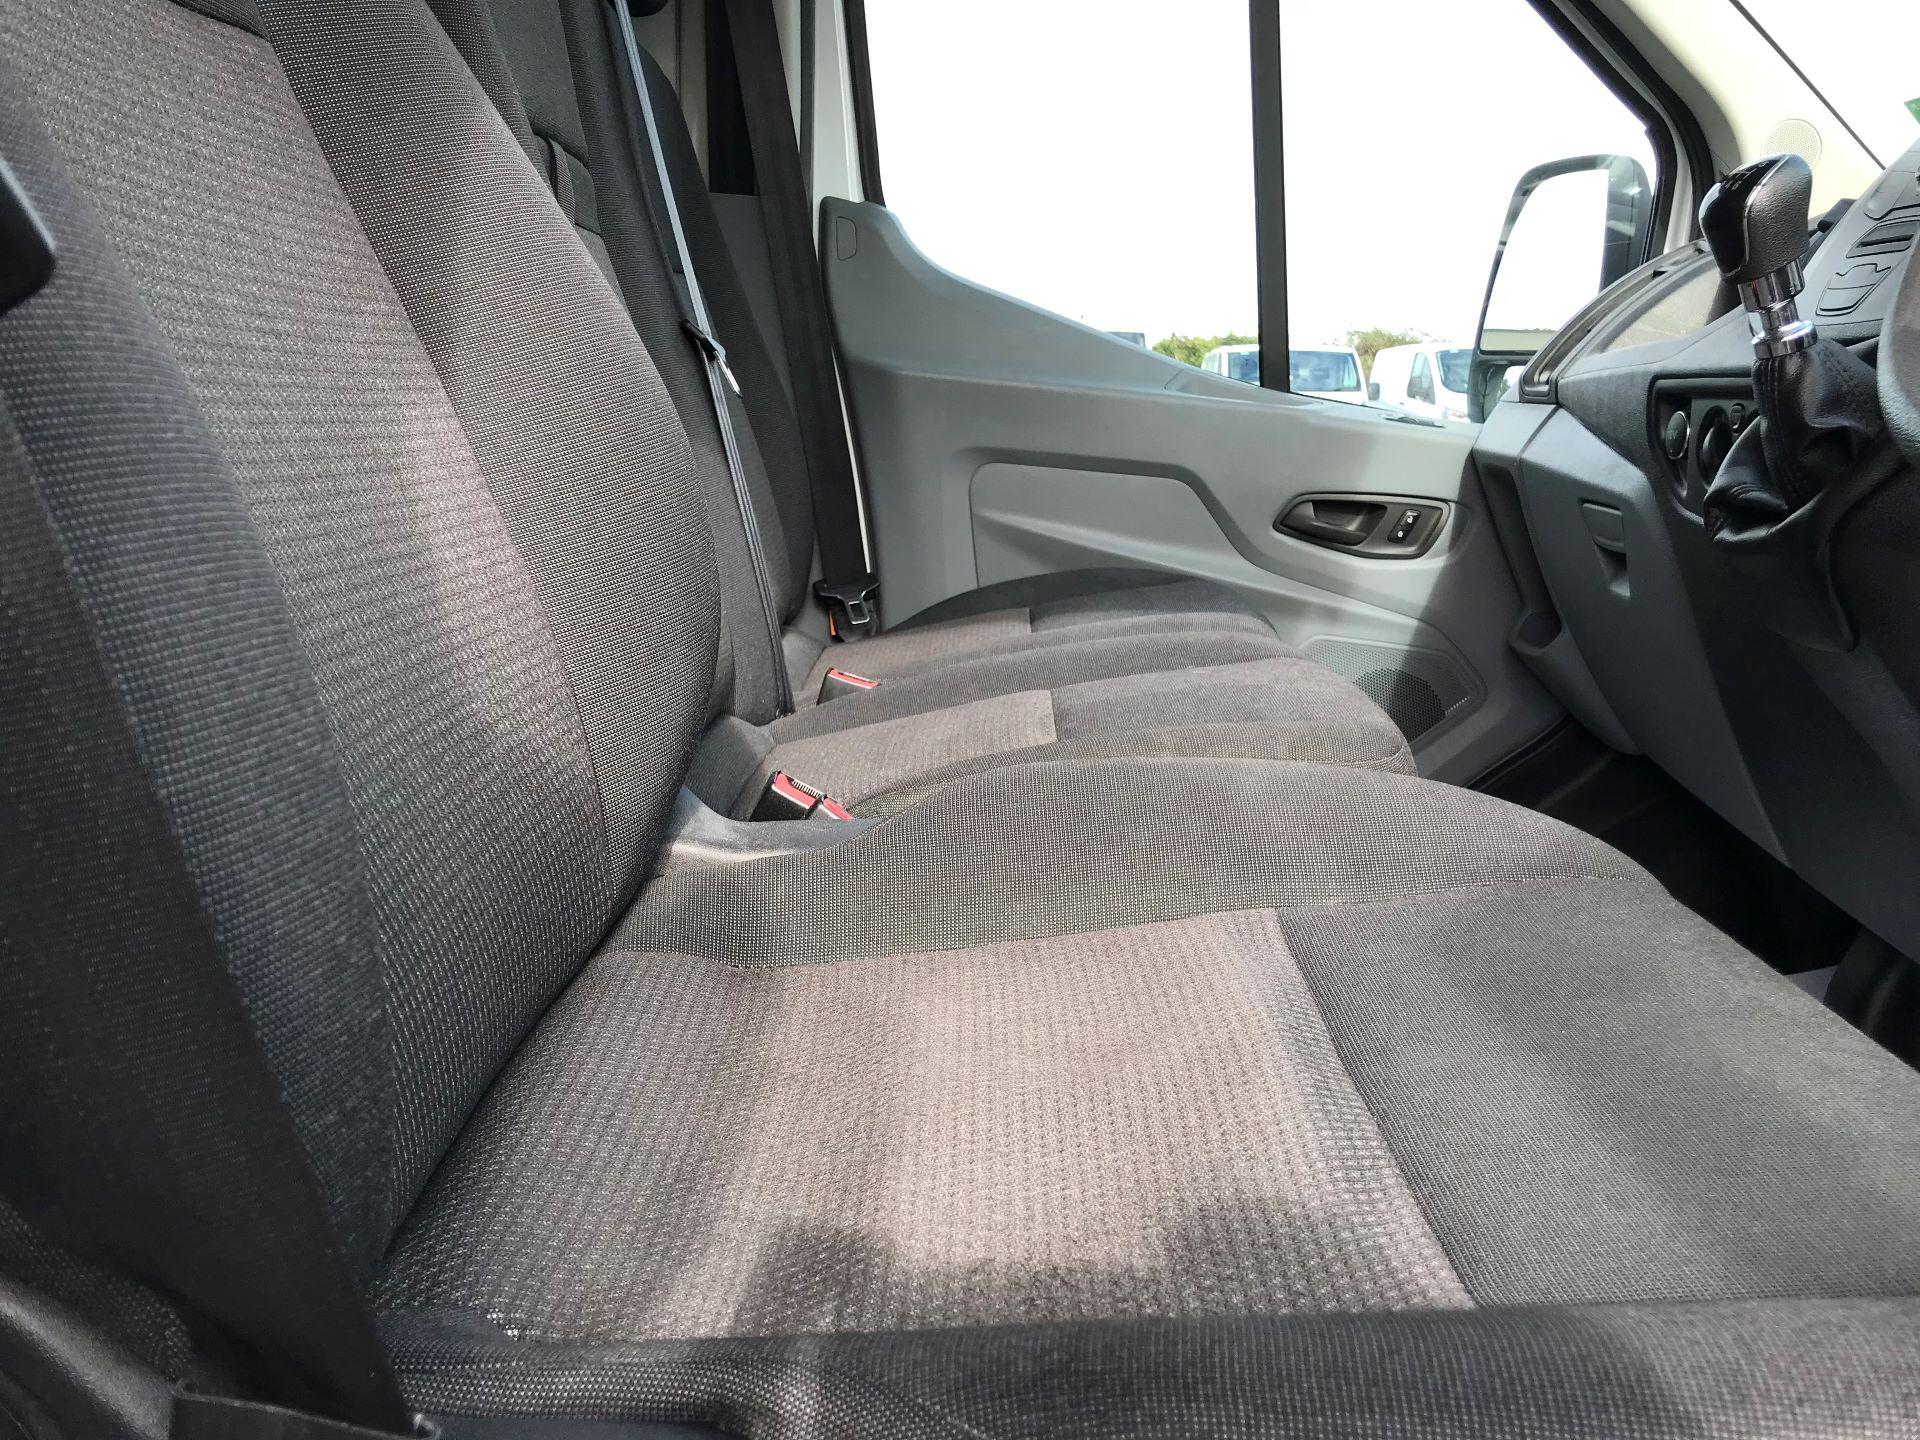 2017 Ford Transit L3 H3 VAN 130PS EURO 6 (FG67FHM) Image 23